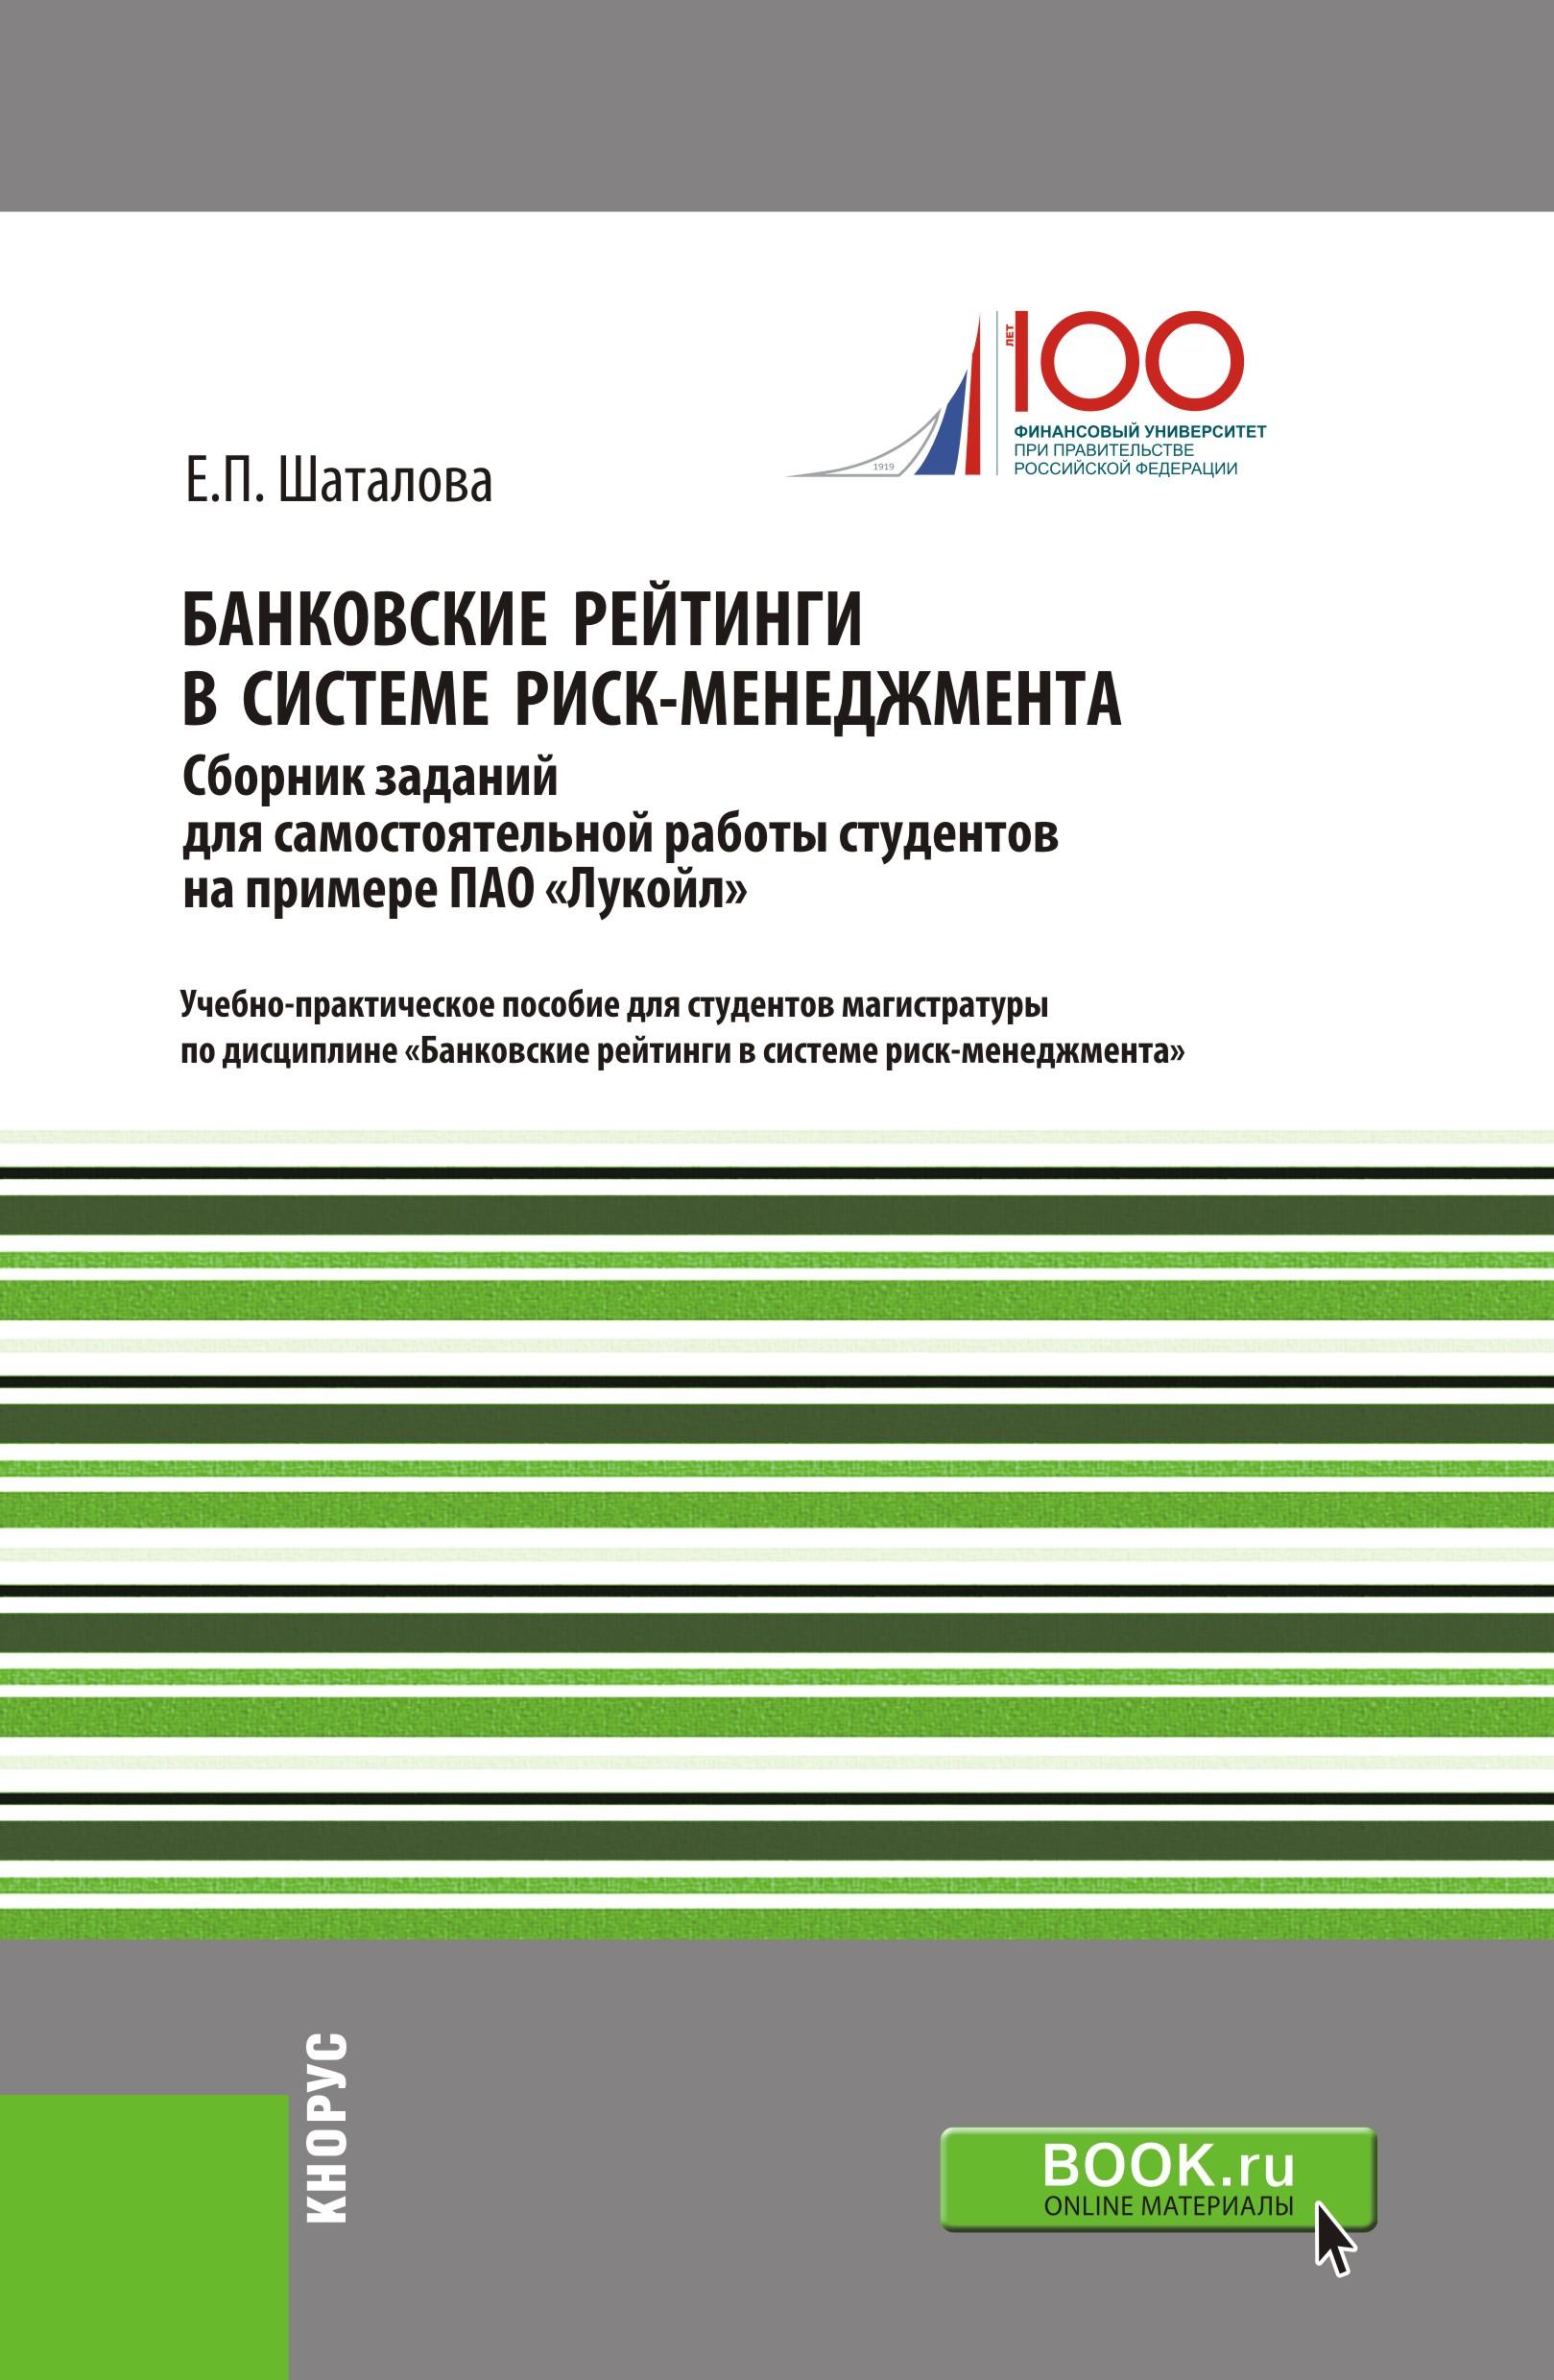 Е. П. Шаталова Банковские рейтинги в системе риск-менеджмента. Сборник заданий для самостоятельной работы студентов на примере ПАО «Лукойл»